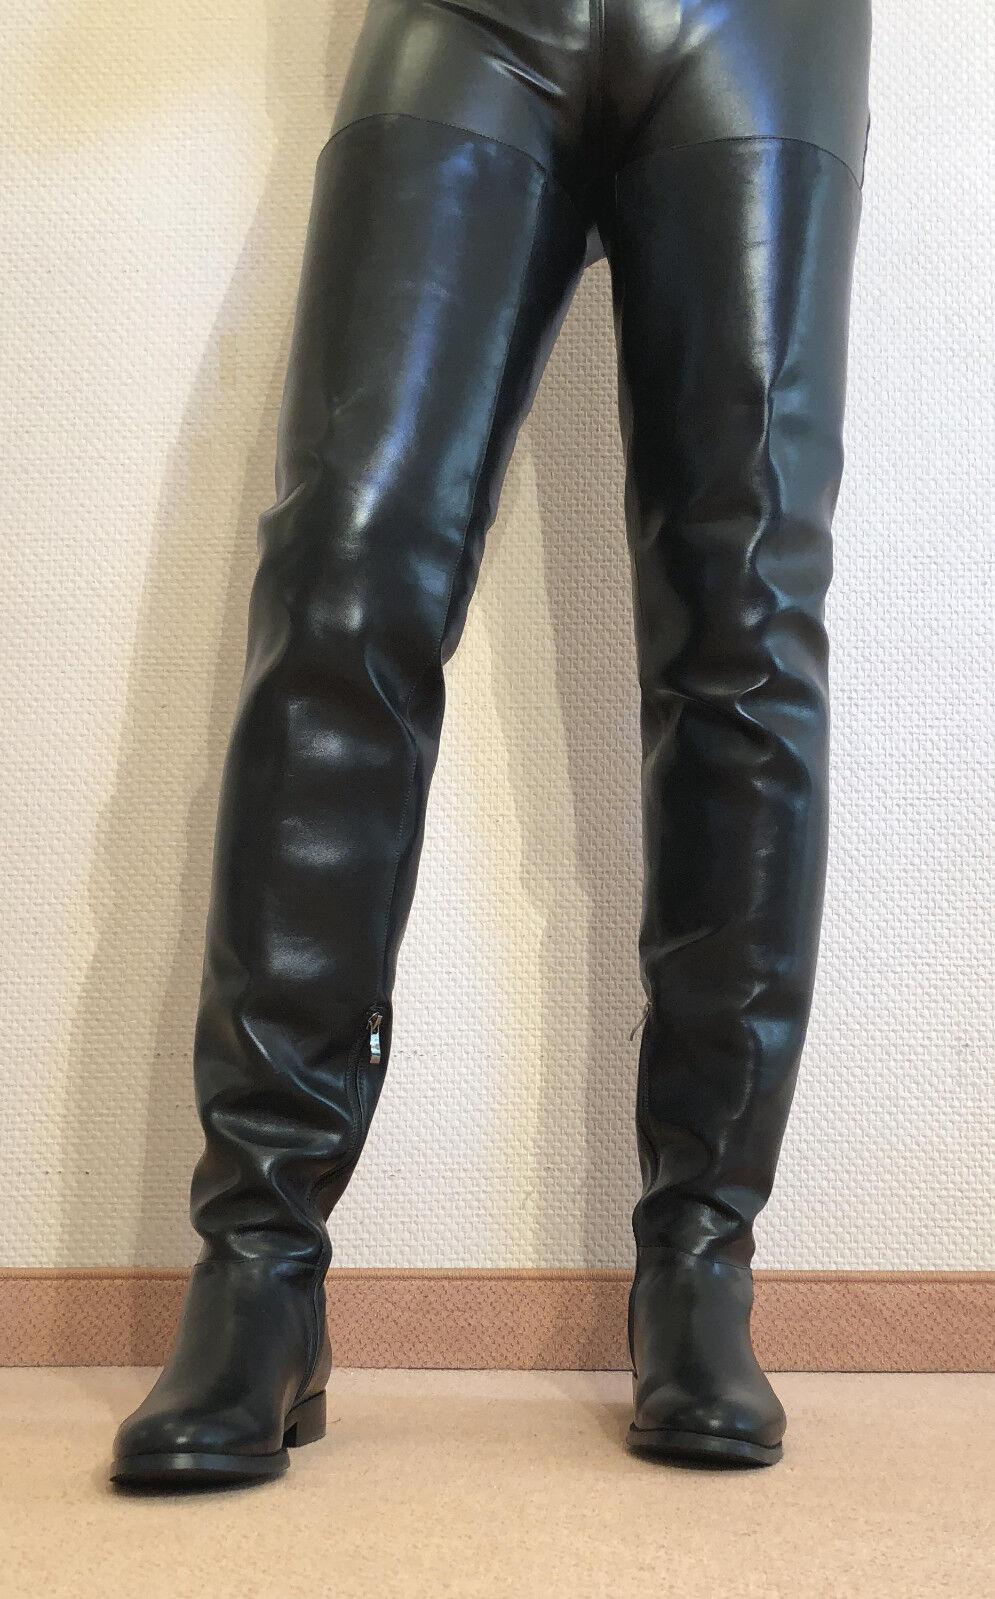 Gr.41 TOP ! Exklusiv Sexy Damen Schuhe Overknee Flache Stiefel Männer Boots D3